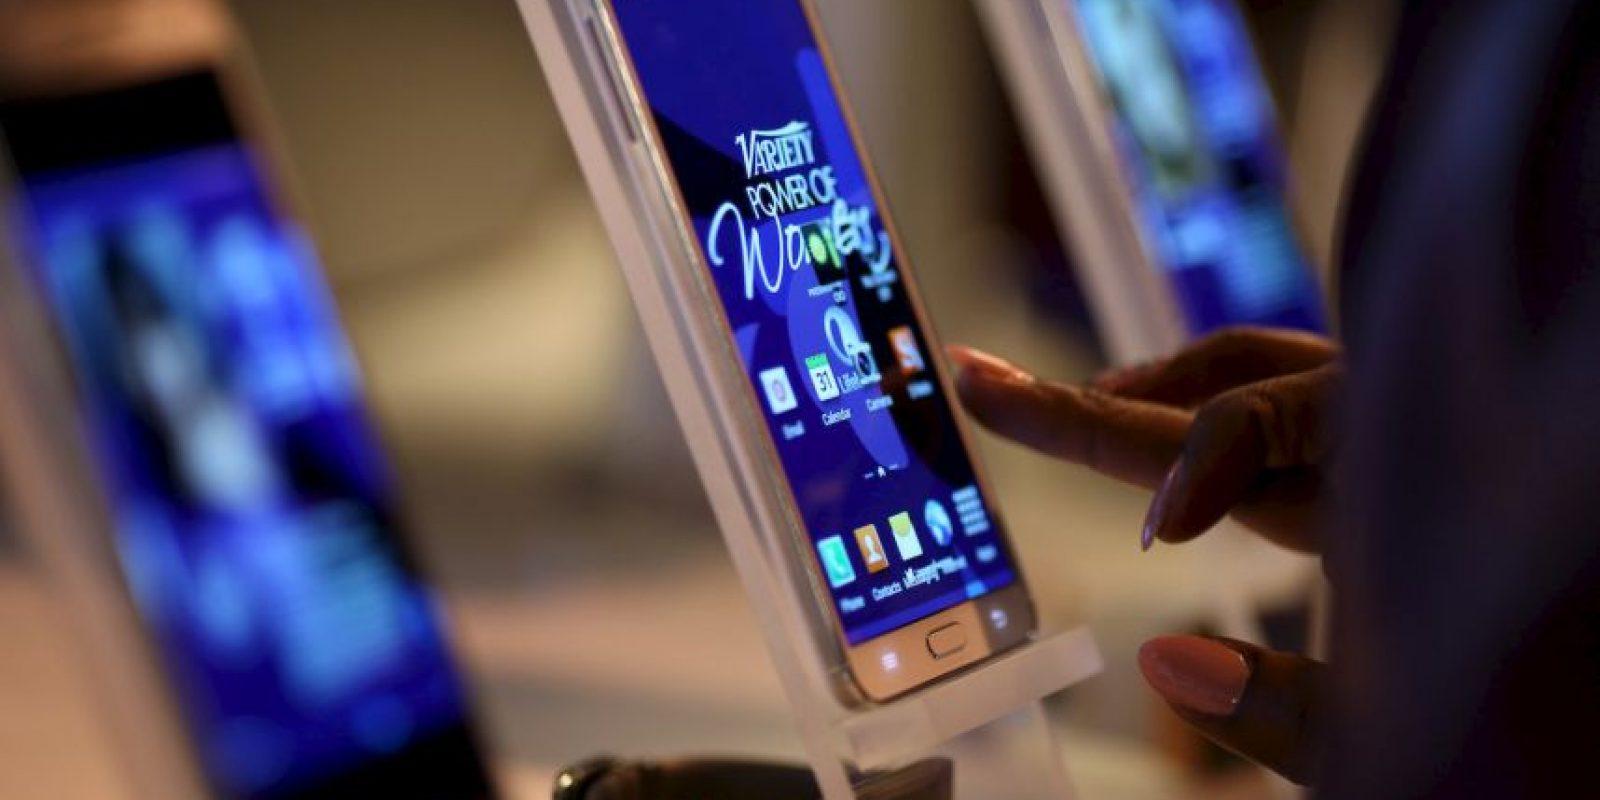 NowSecure estima que 600 millones de dispositivos están afectados. Foto:Getty Images